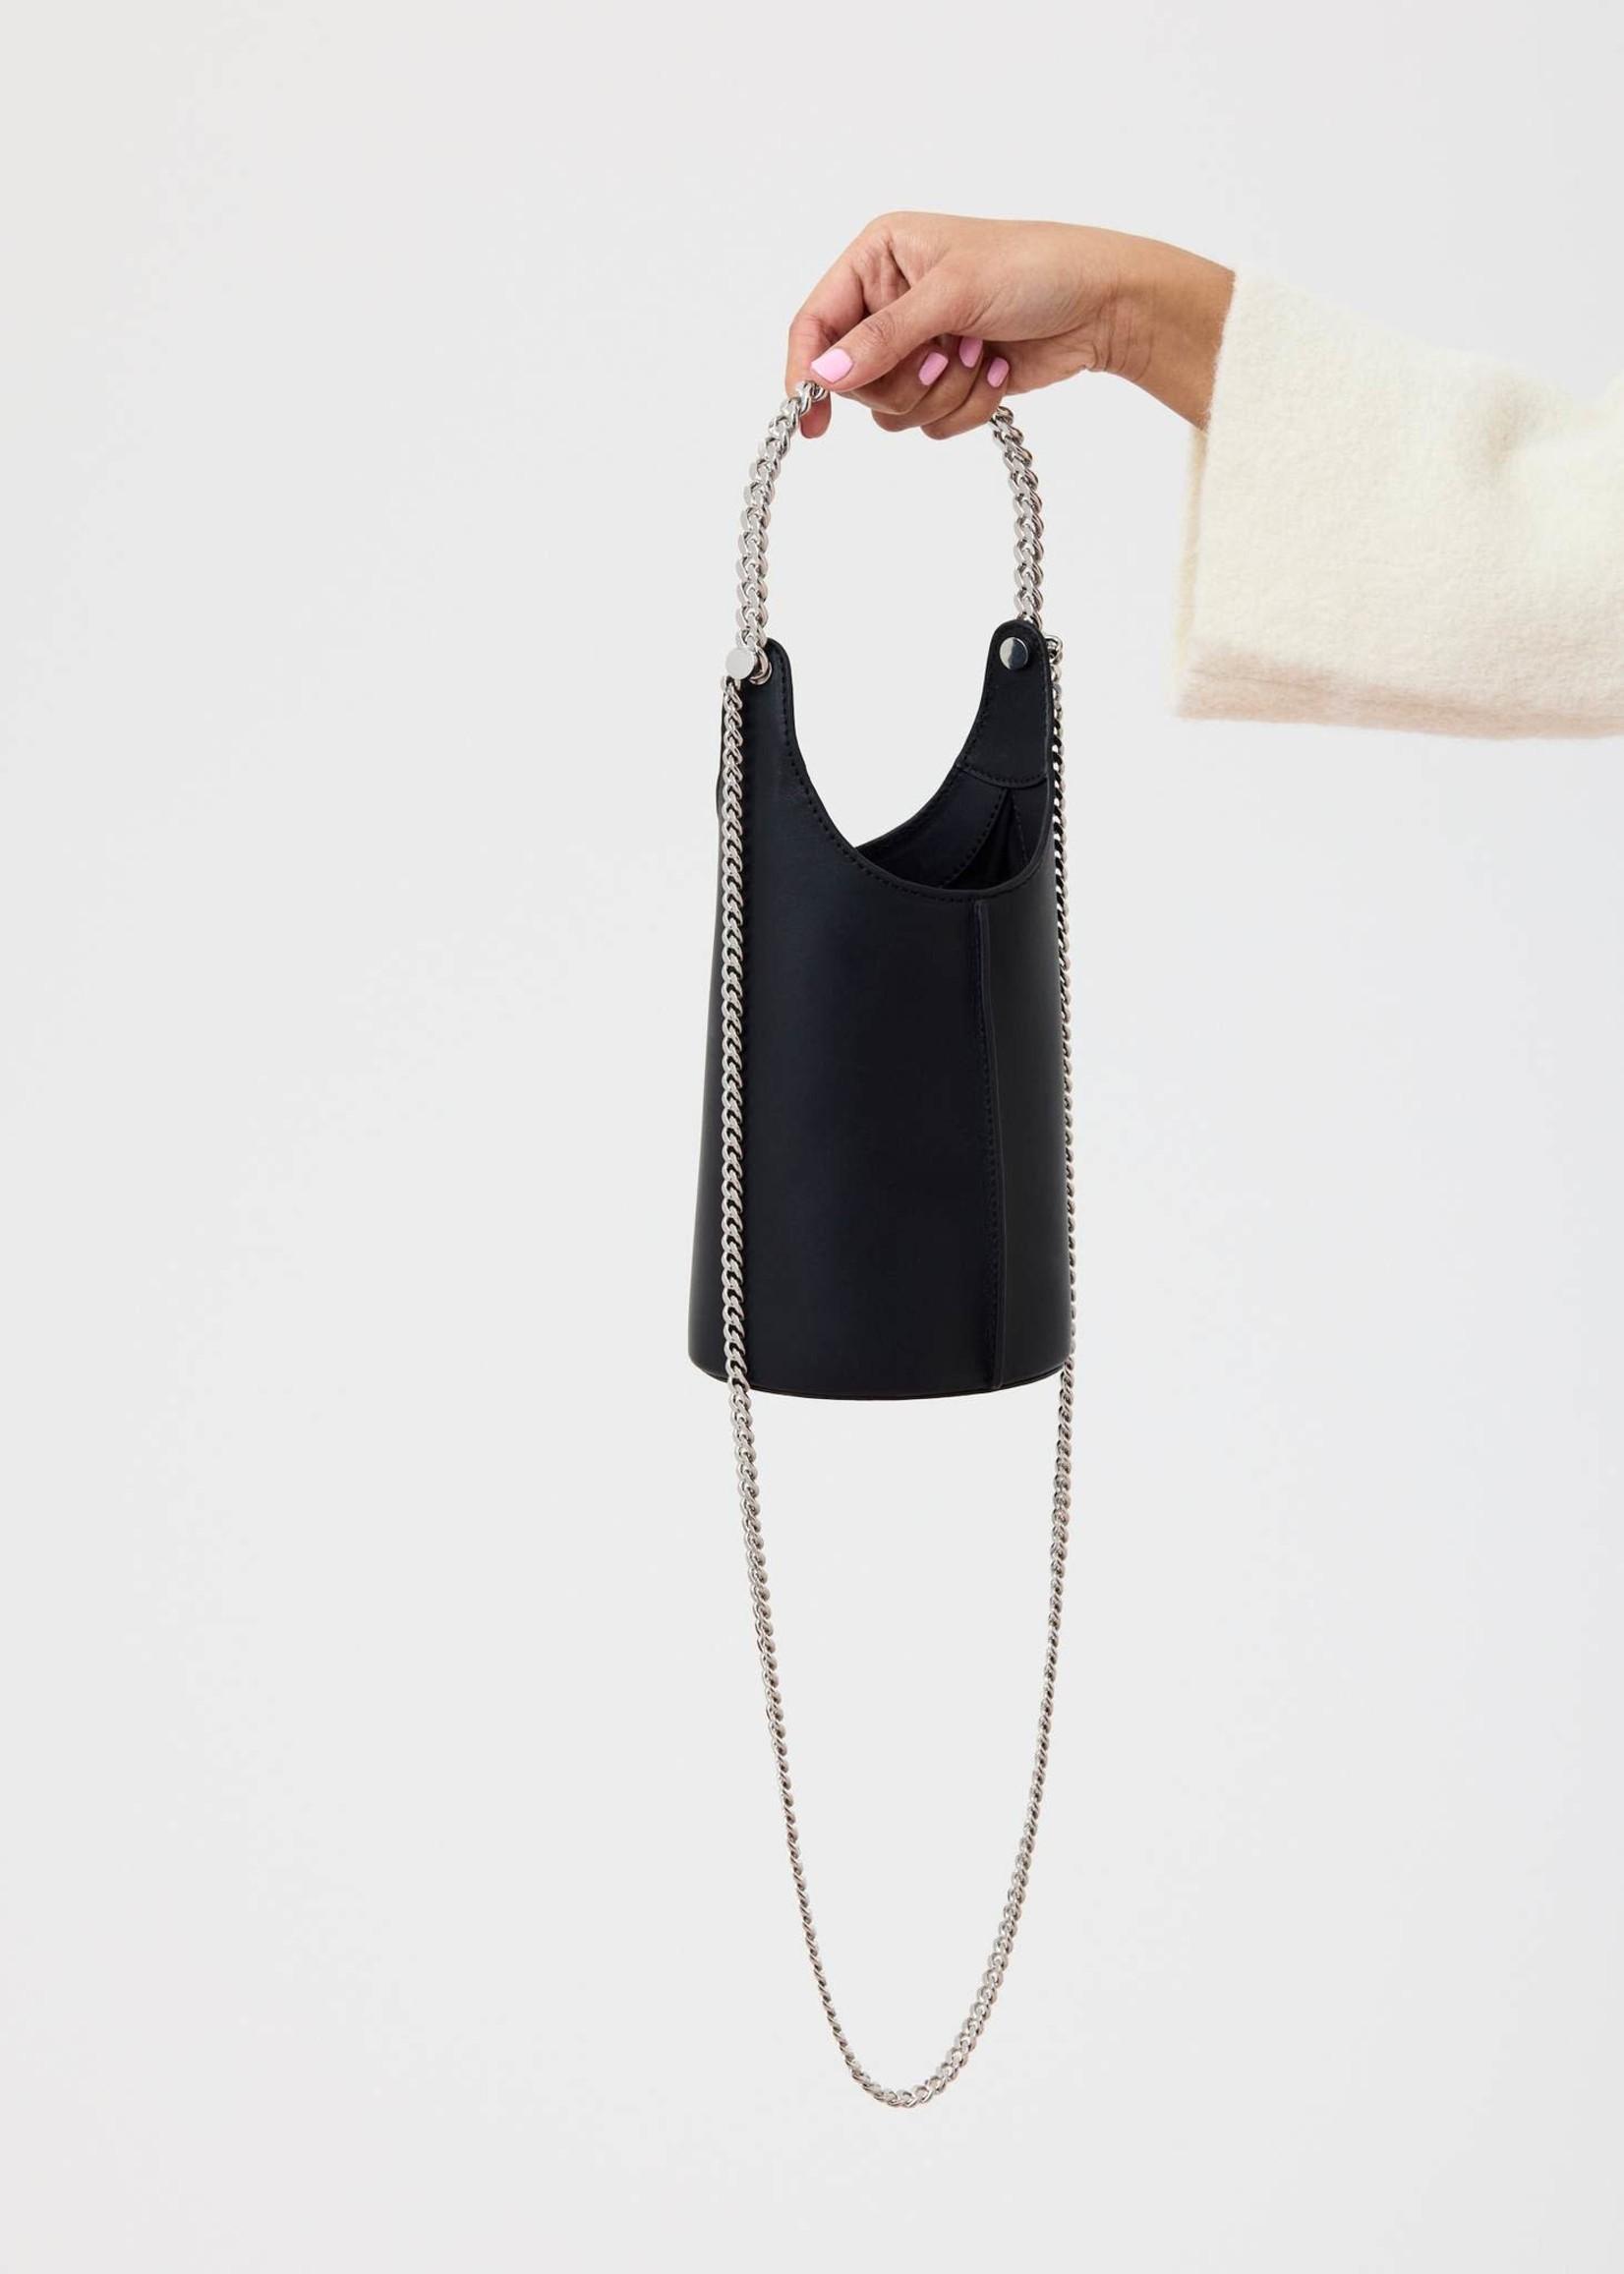 KARA  Infinity Cooler Bag in Black